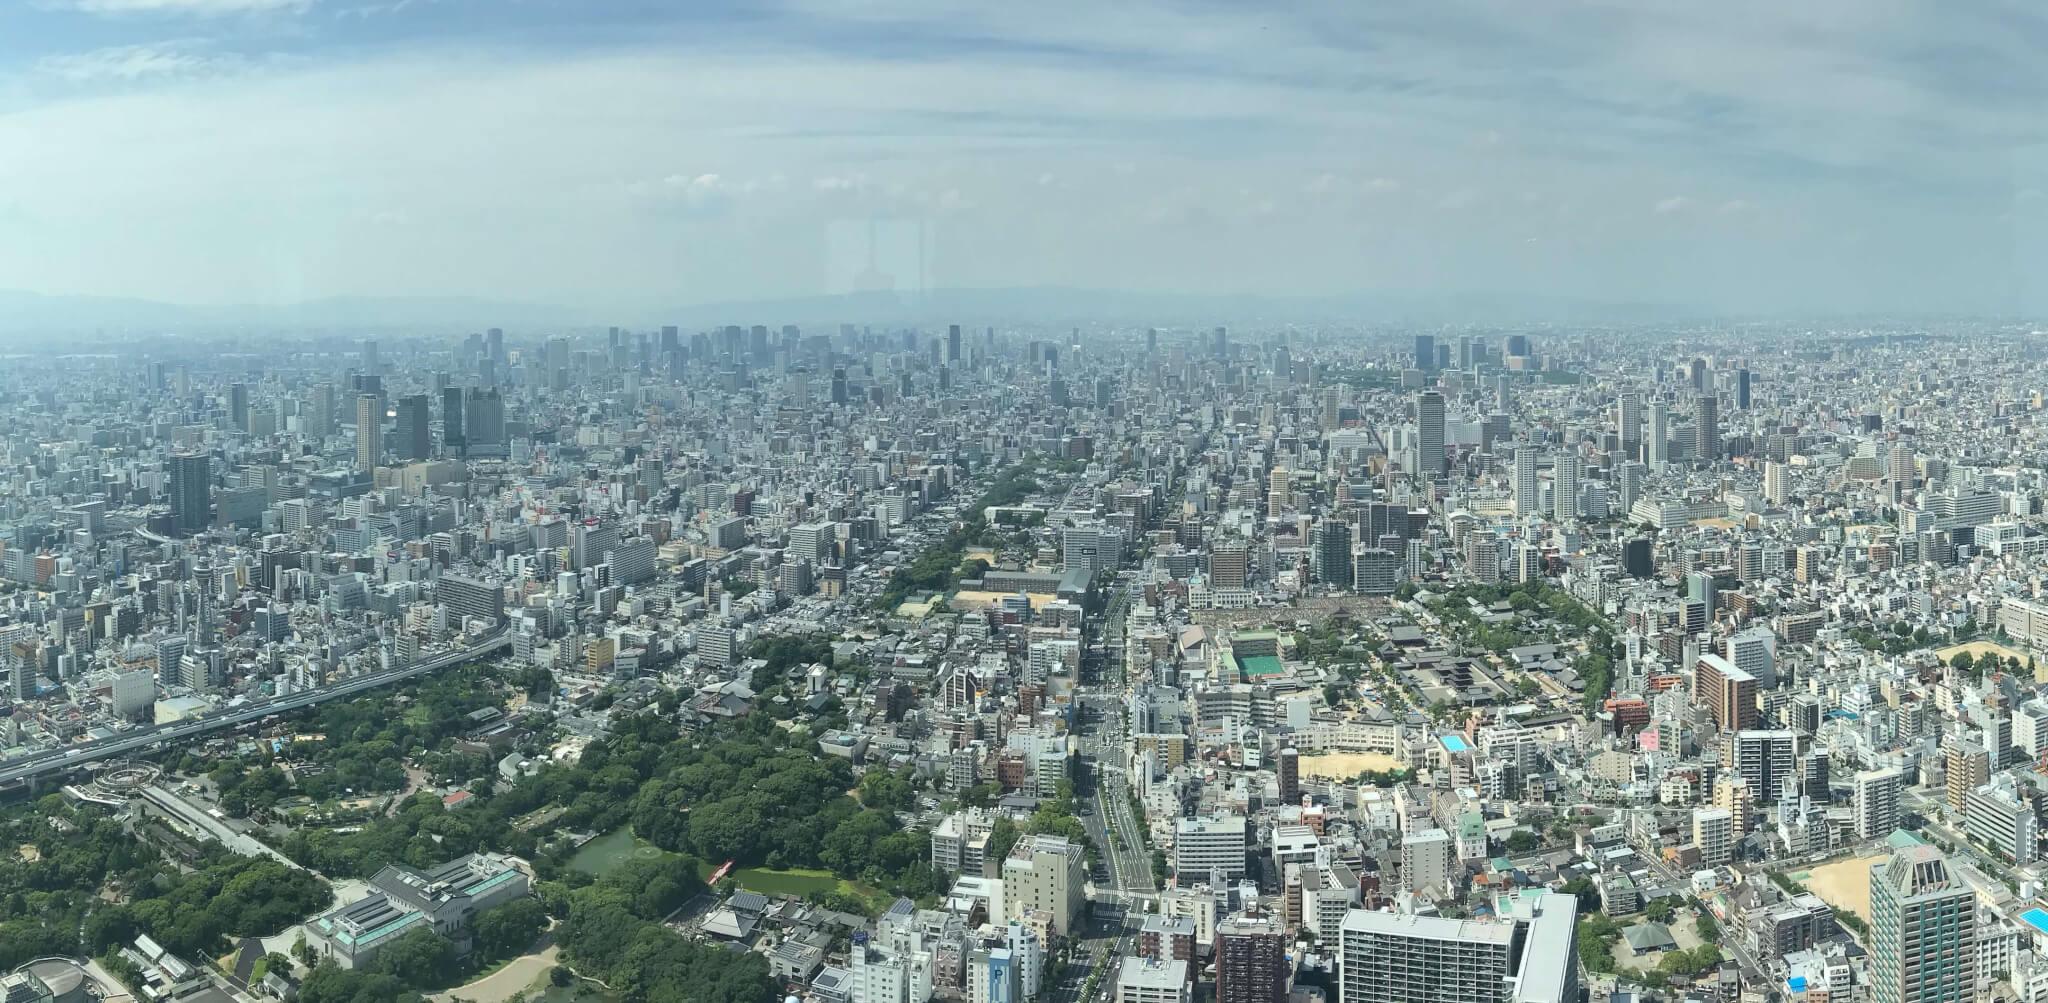 【大阪一日遊】高空體驗美景無限...